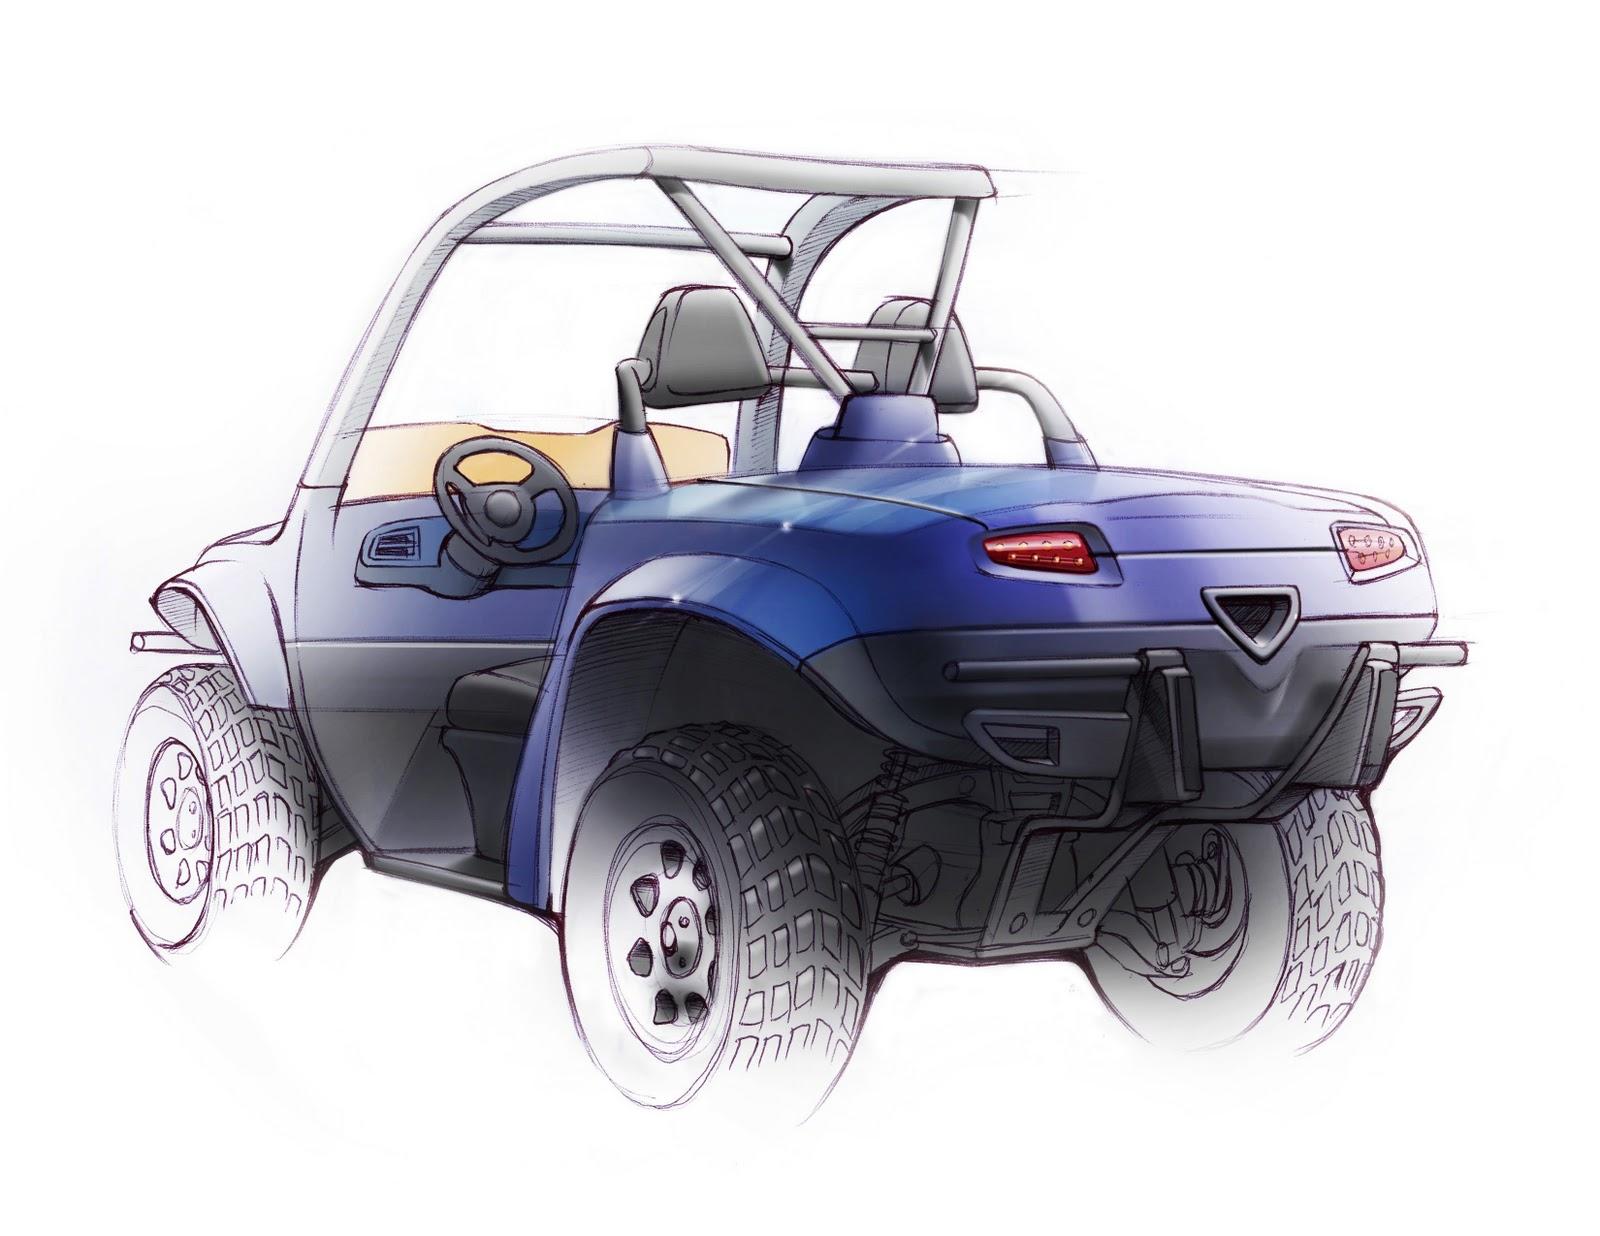 Yamaha rhino utv redesigned